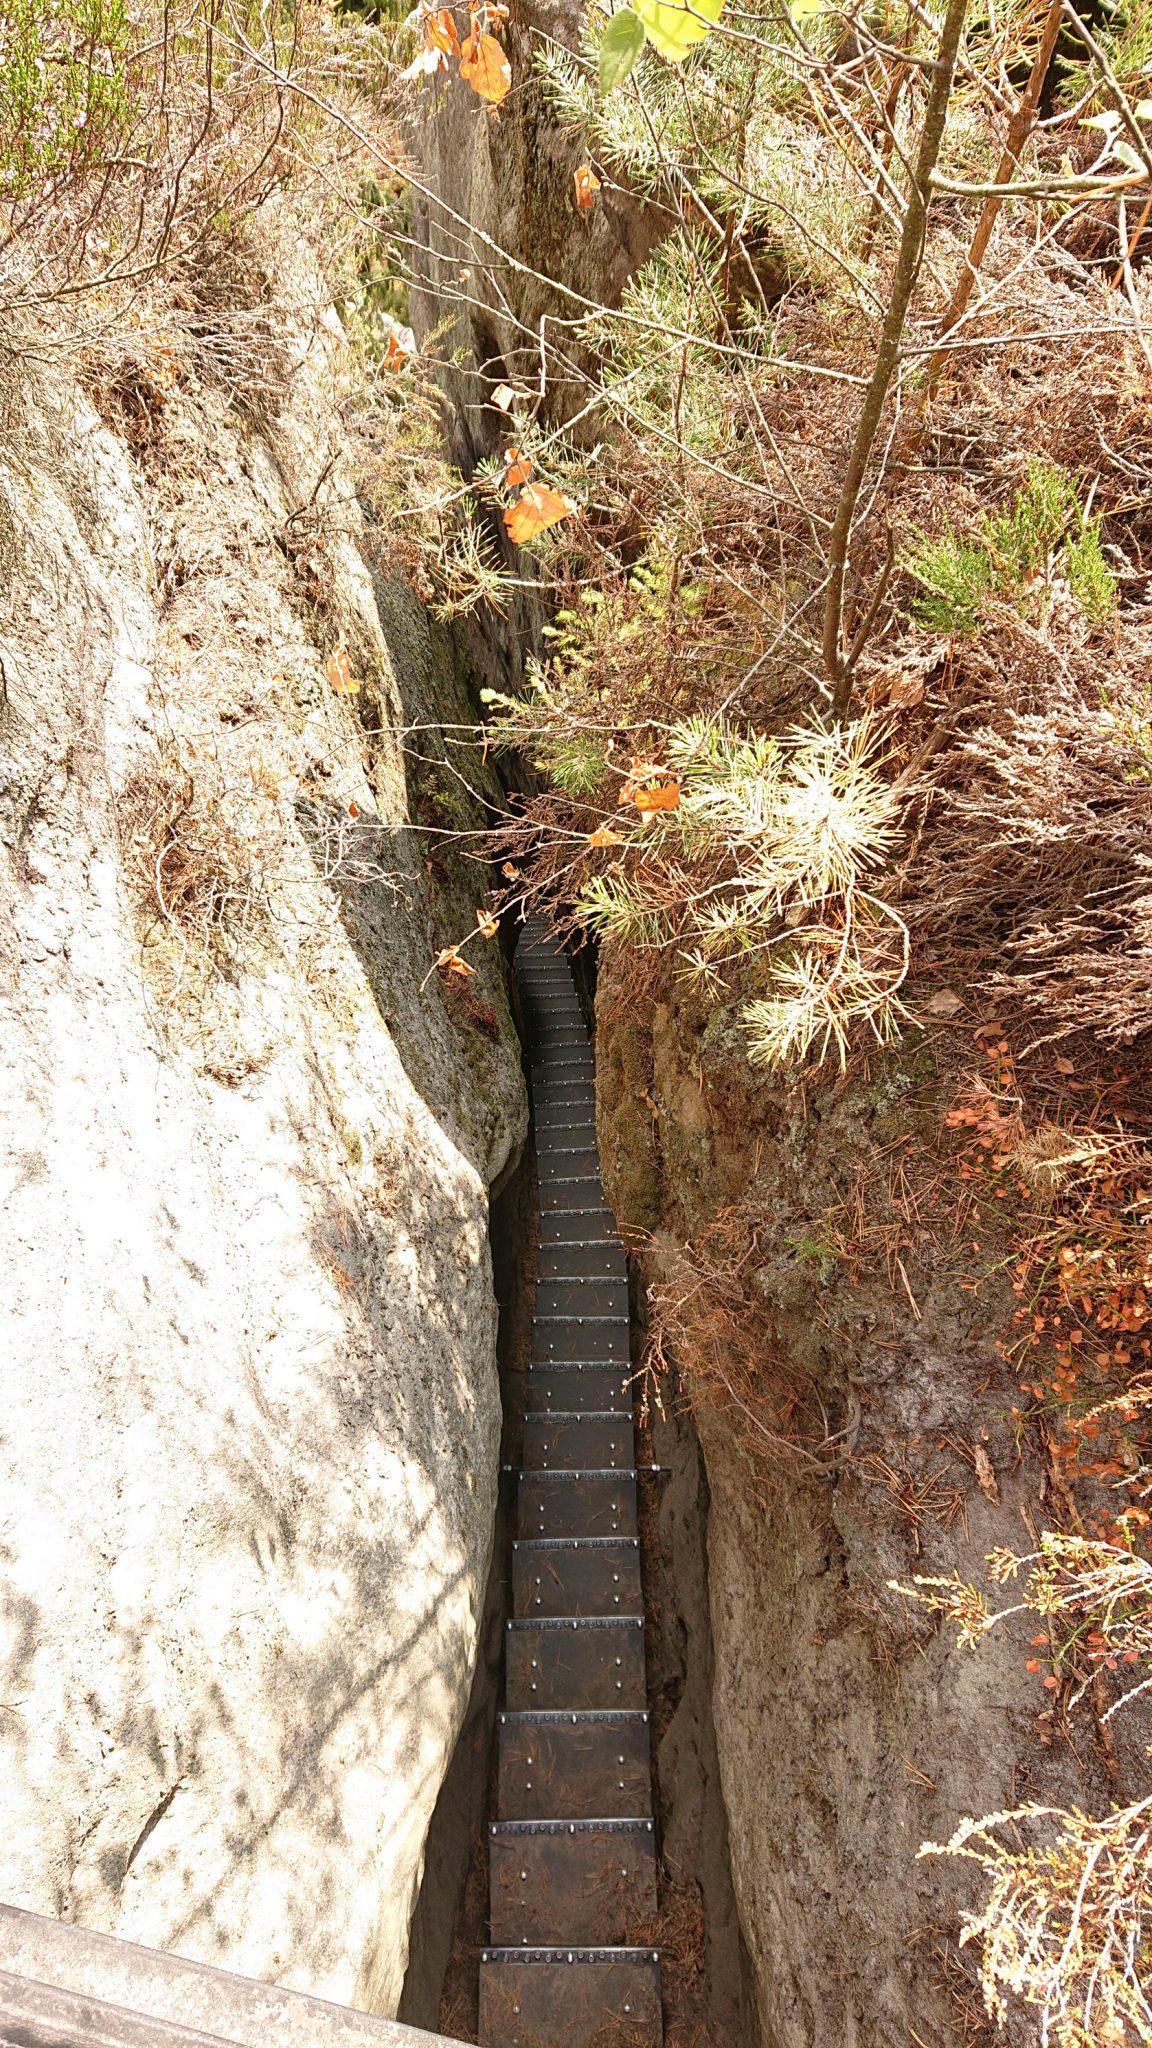 Kirnitzschklamm Hermanseck und Königsplatz im Kirnitzschtal wandern, Wanderweg im Wanderparadies Sächsische Schweiz mit vielen tollen Aussichten, riesiger Felsennationalpark, schmale Treppe zum Hermannseck Aussichtspunkt